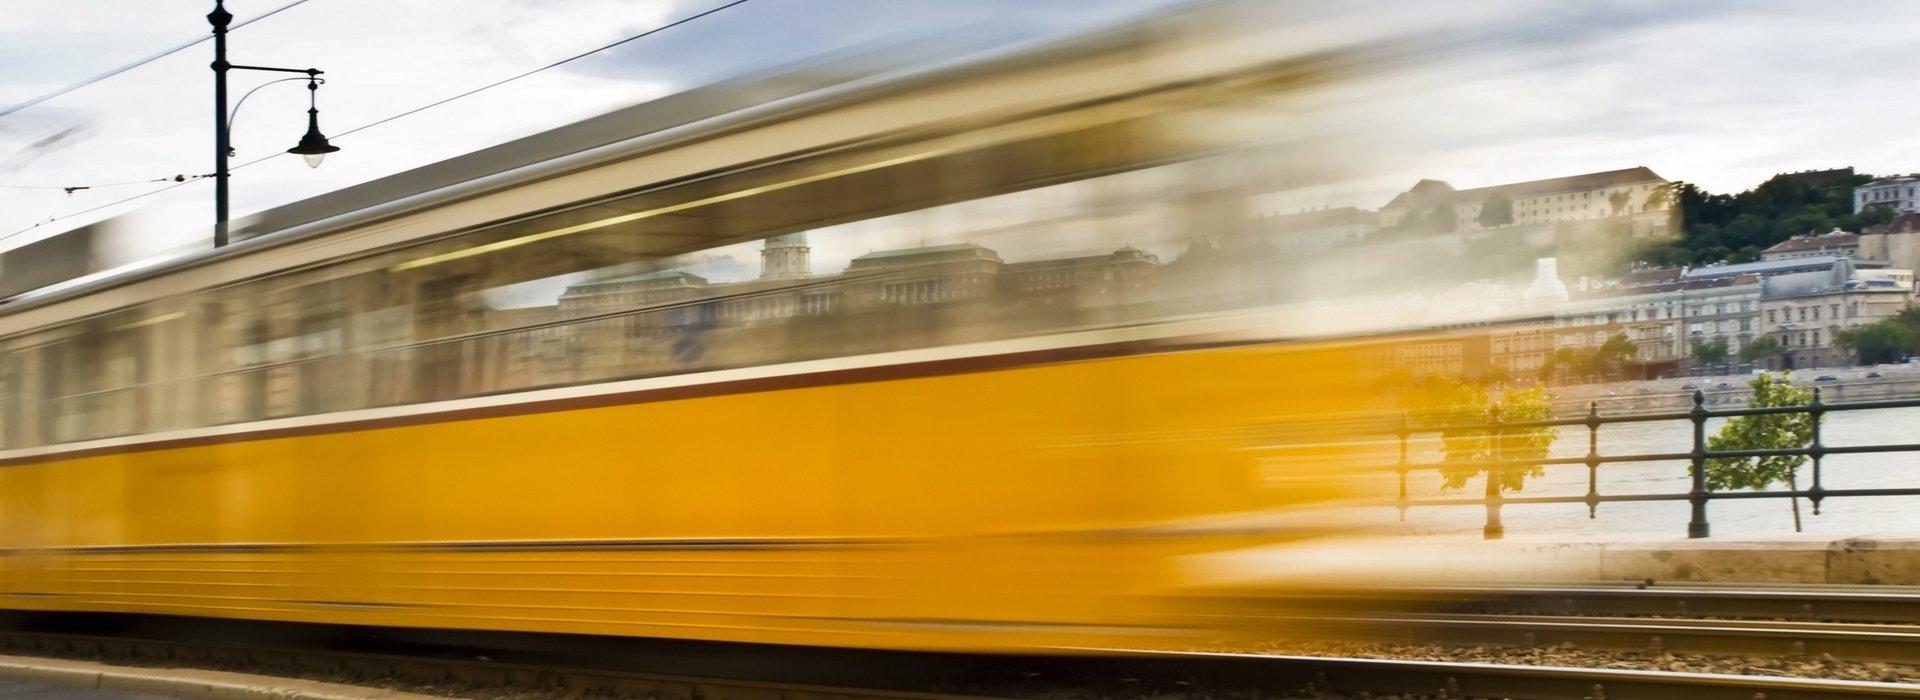 Budapesti utazási információk – Utazás Budapesten belül